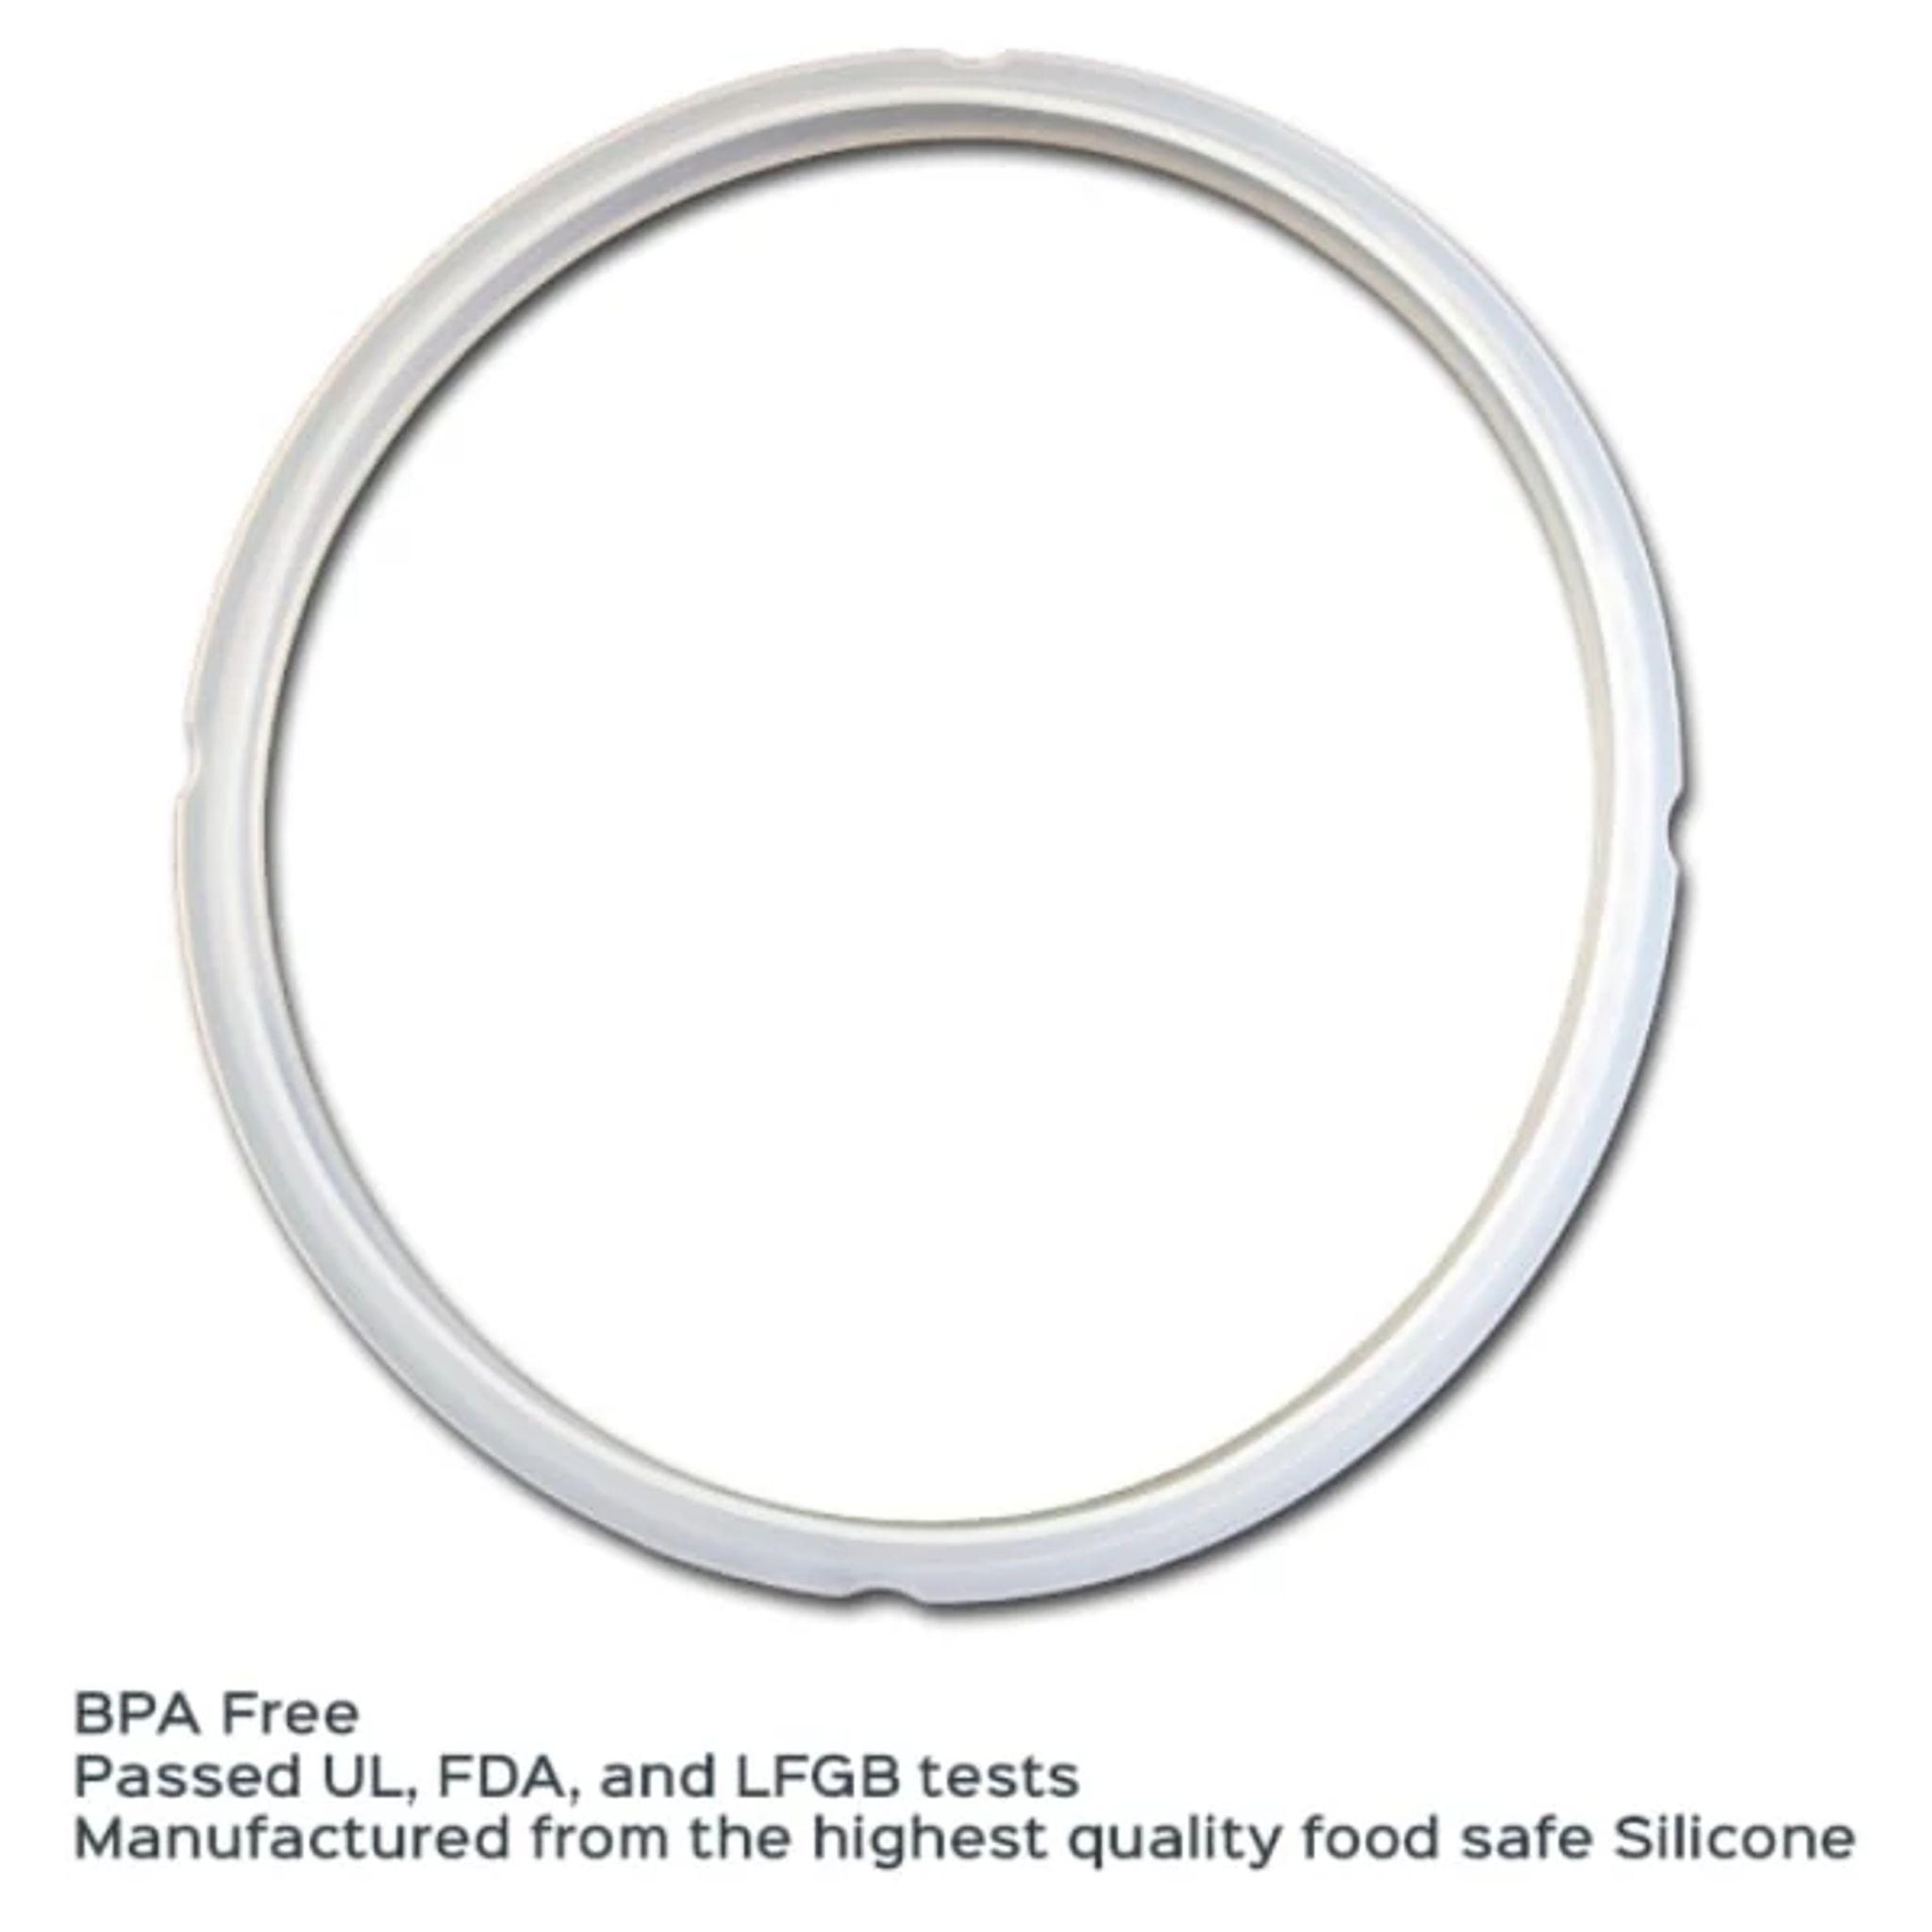 Instant Pot 8-quart Sealing Ring